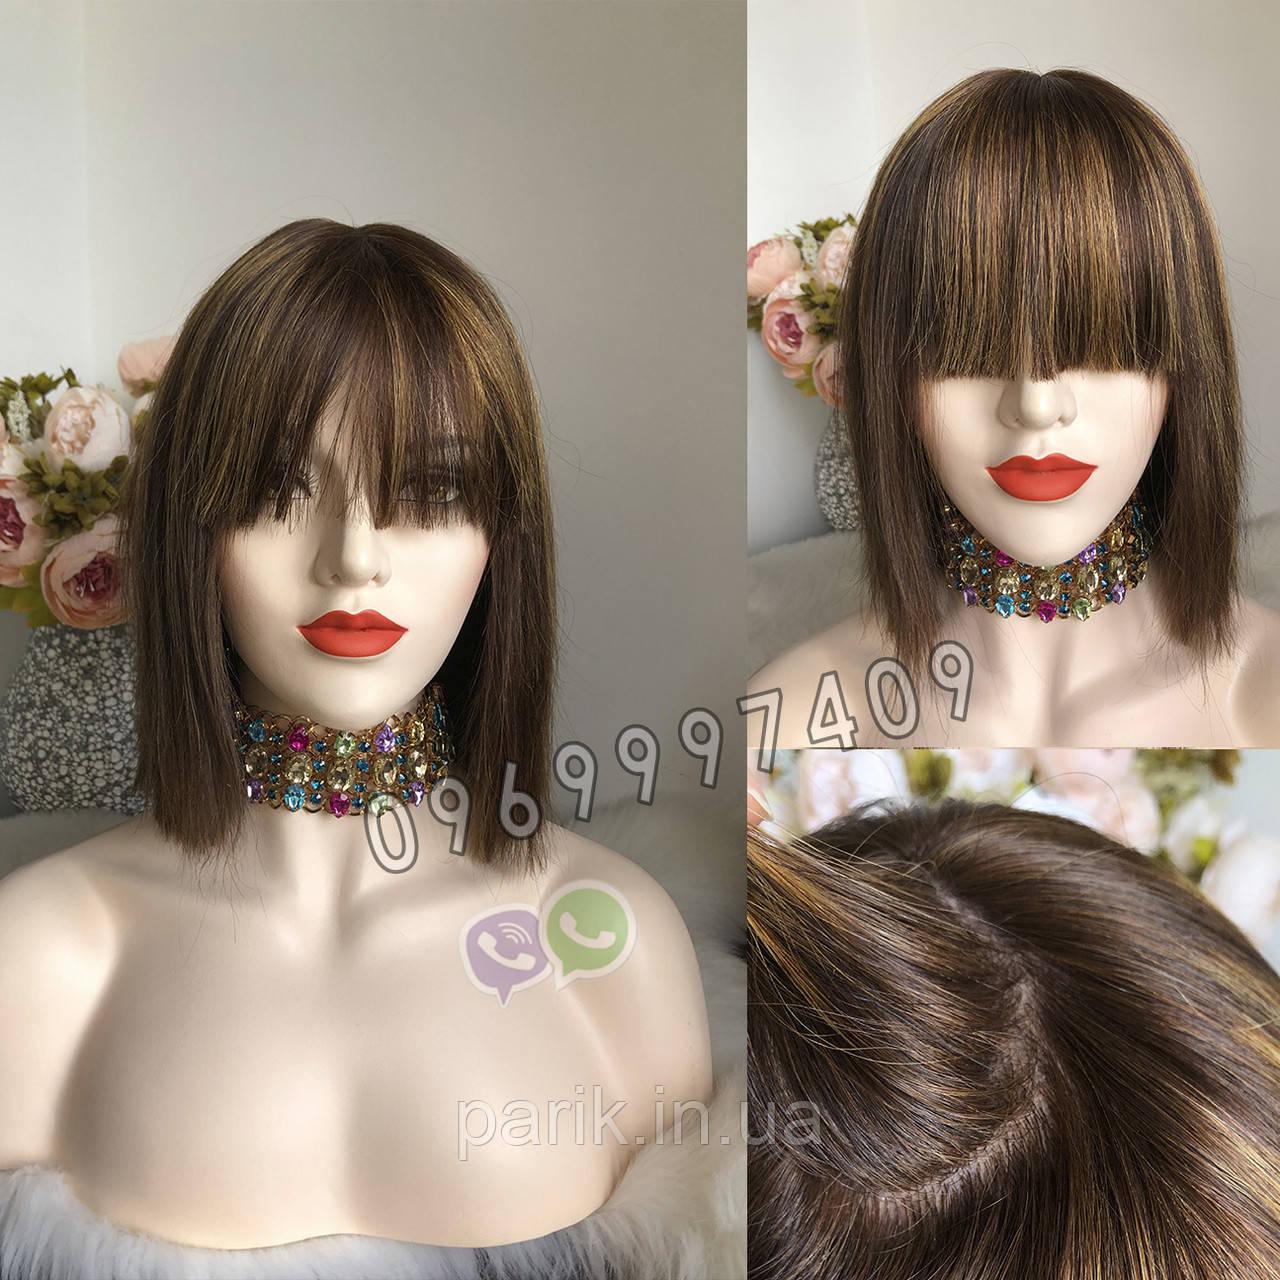 Натуральный парик с чёлкой с имитацией кожи головы, милировка коричневый каре